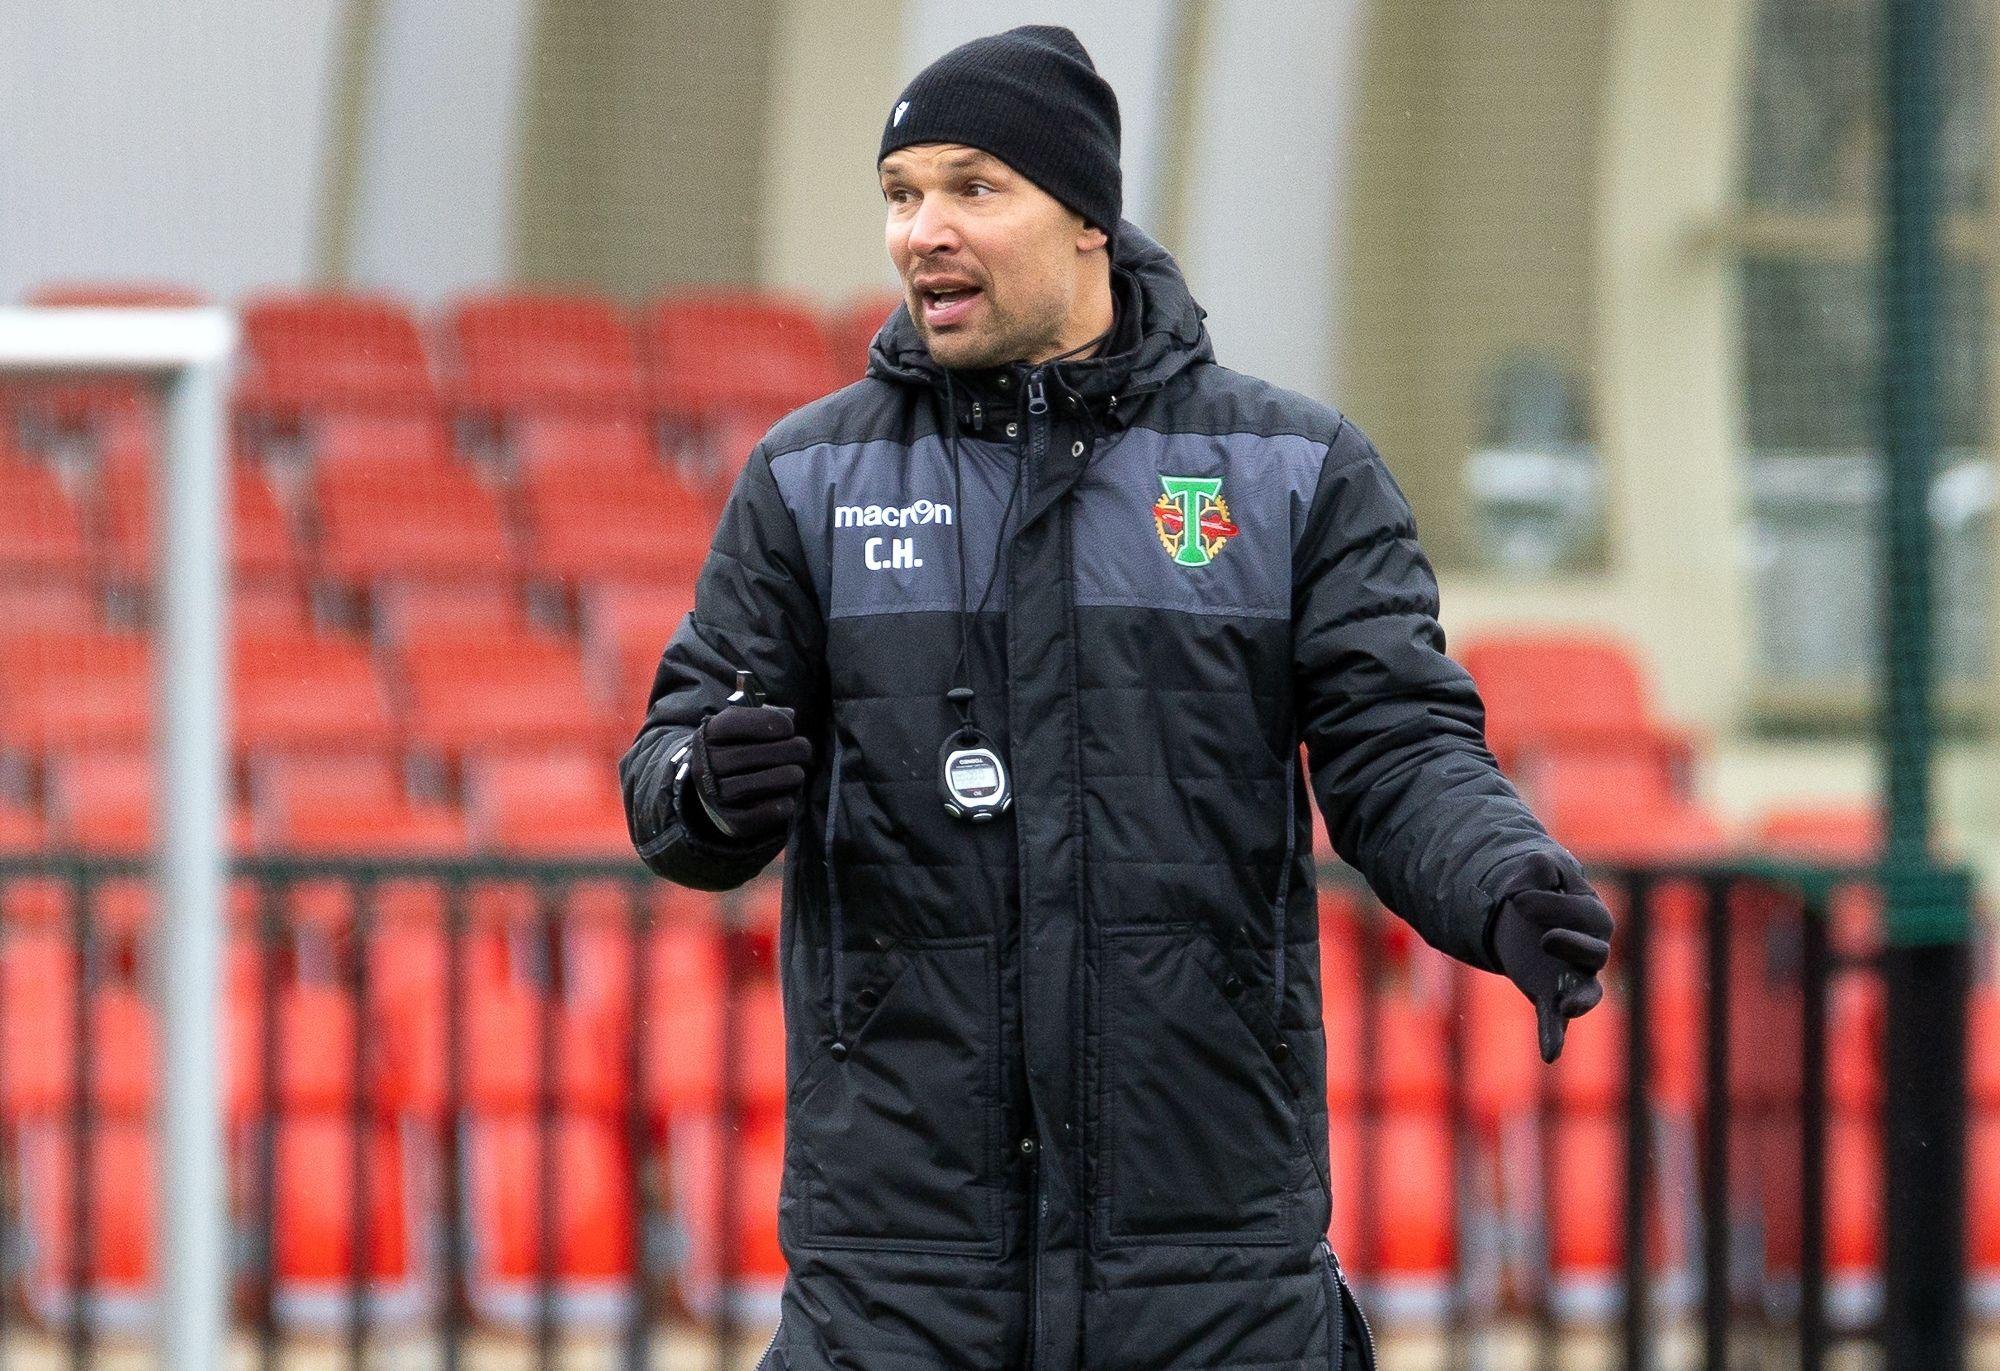 Старший тренер «Торпедо» Сергей Игнашевич ответит на вопросы болельщиков в прямом эфире